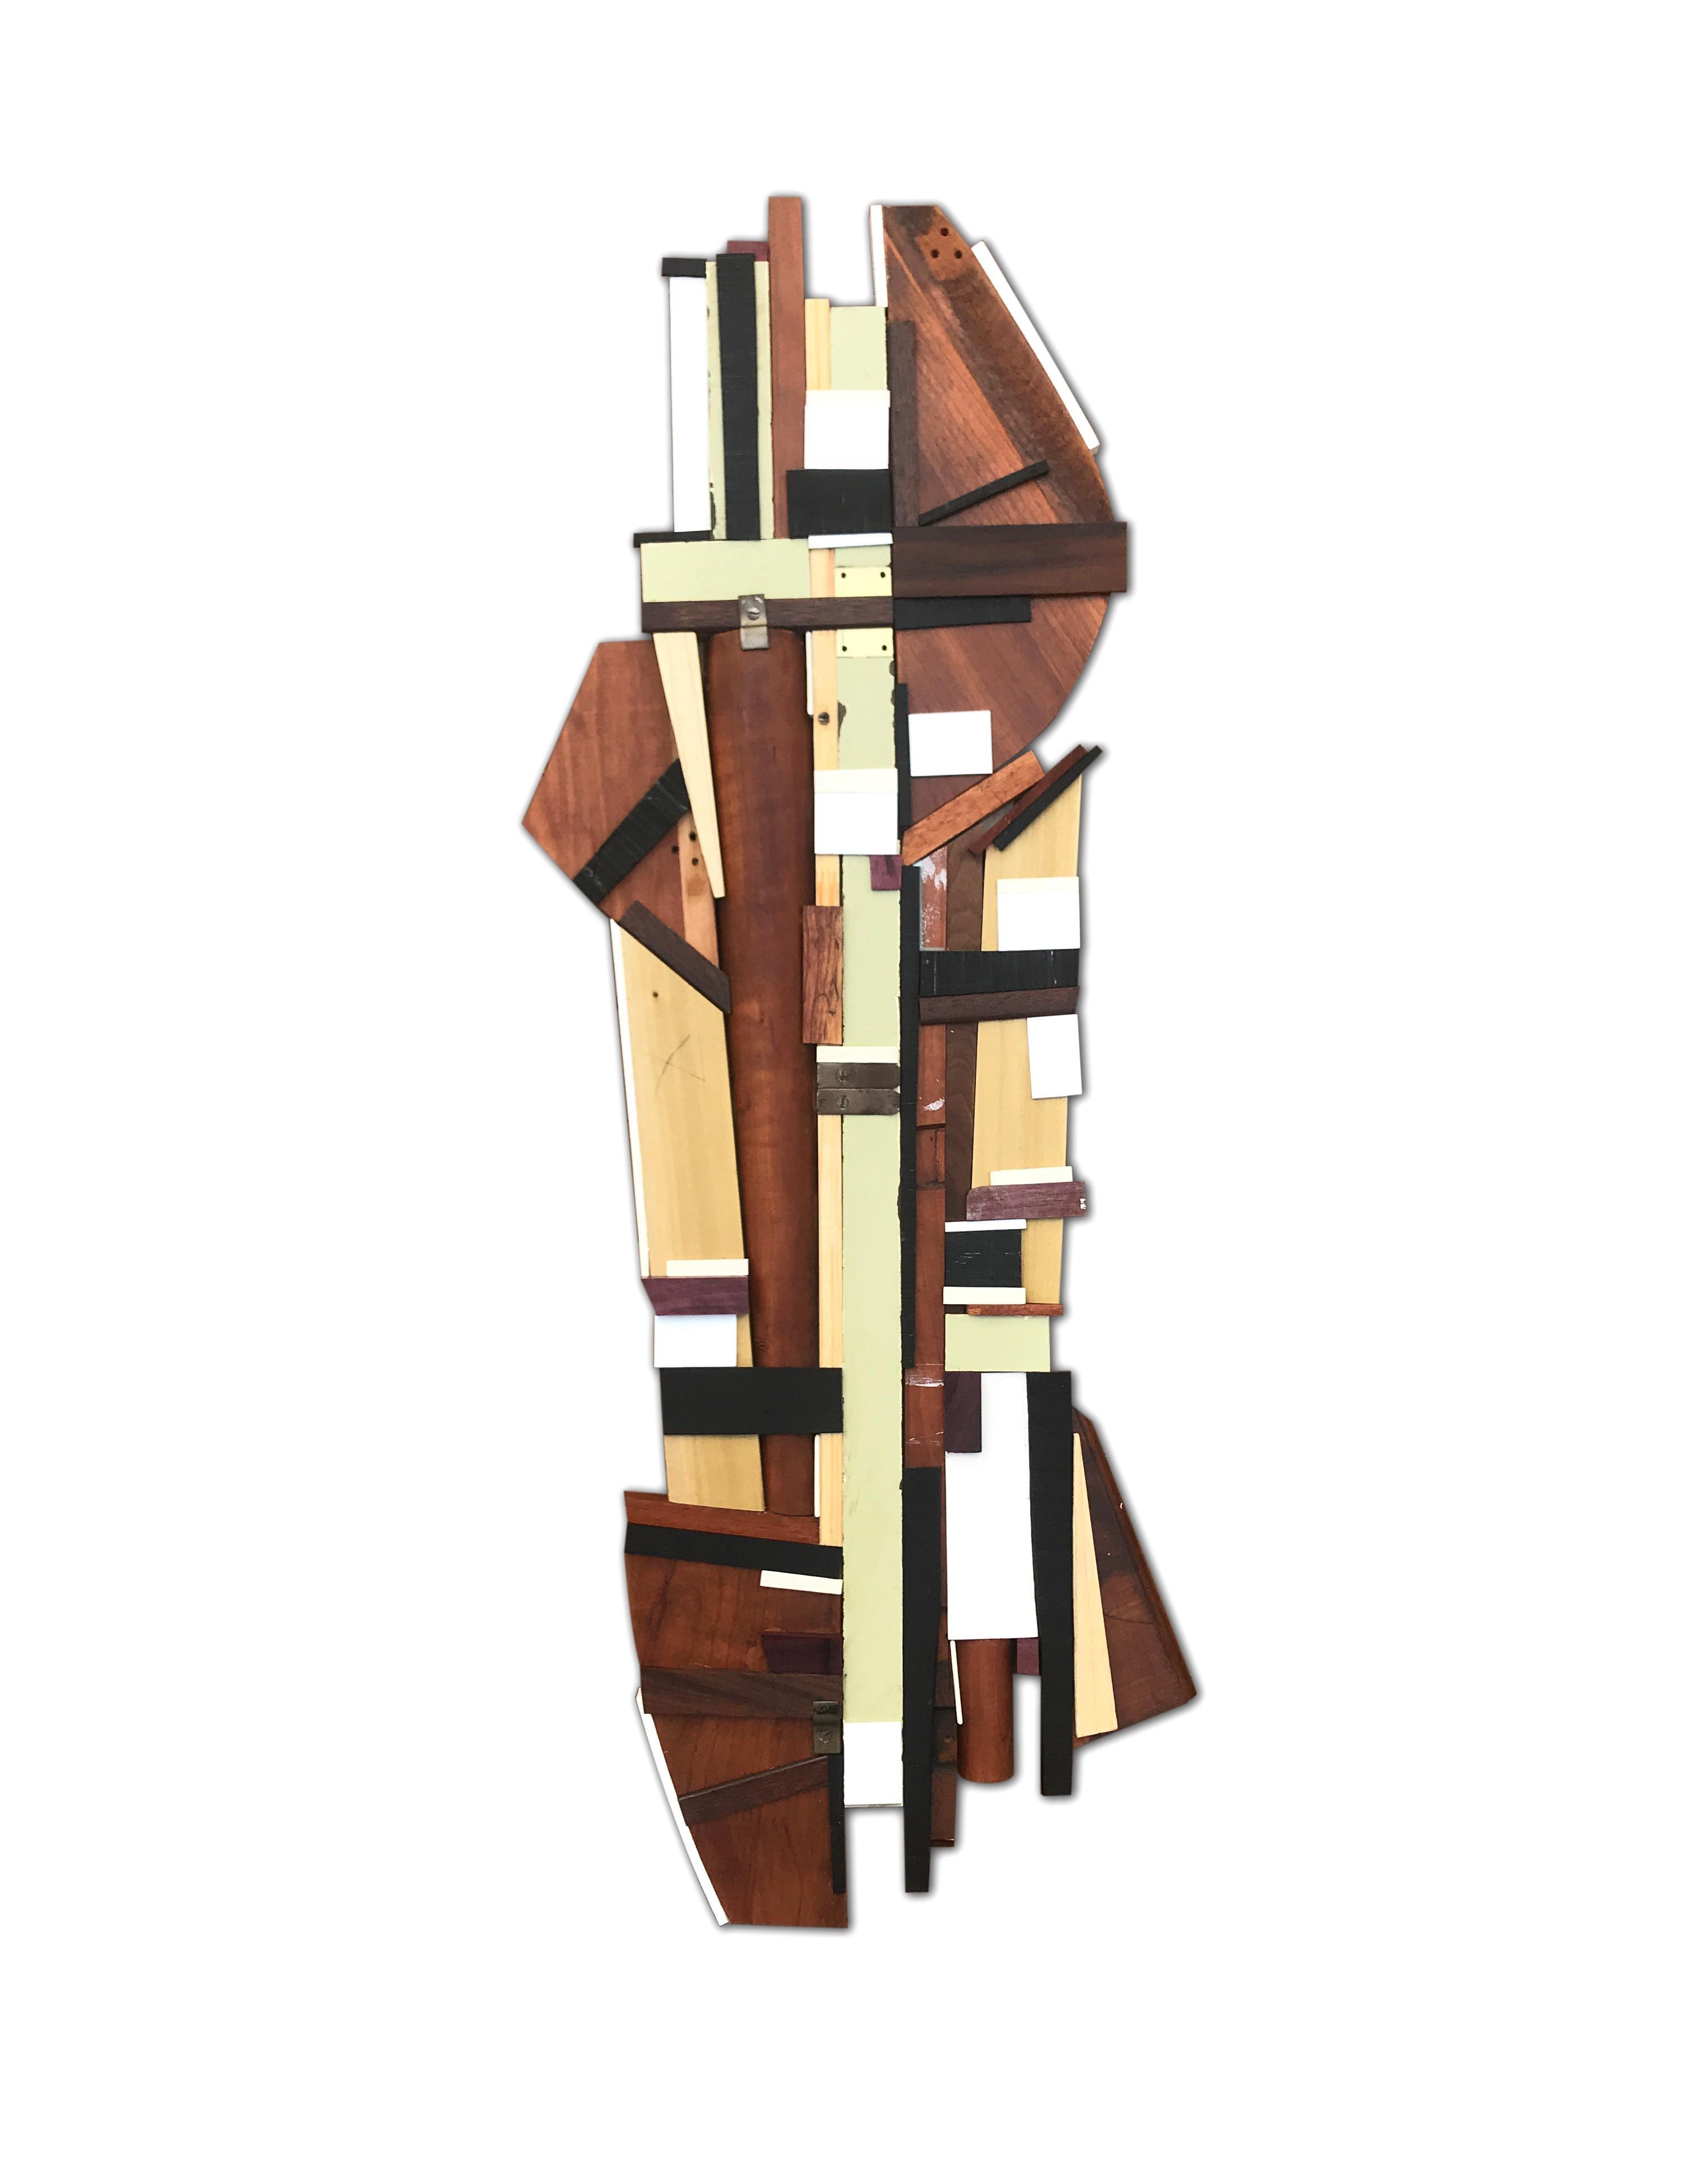 Dechamp (modern abstract wall sculpture natural wood geometric design neutrals)